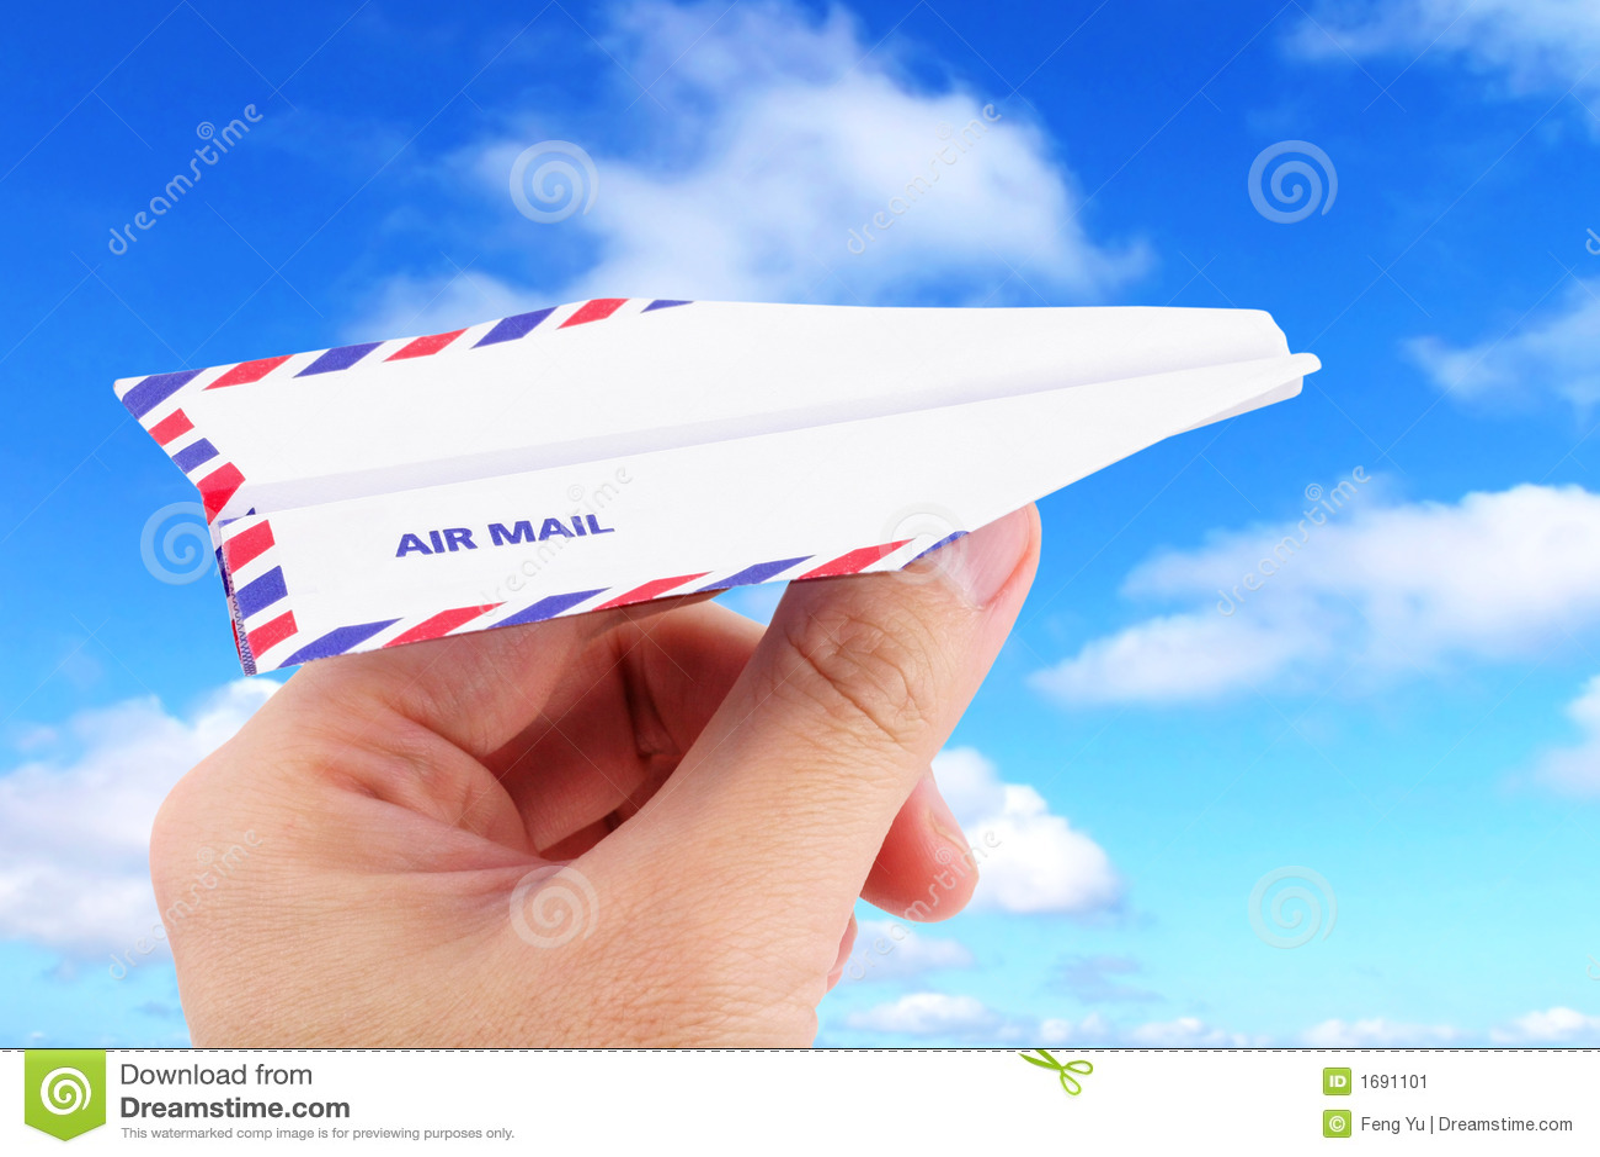 Conceito do correio aéreo do avião de papel